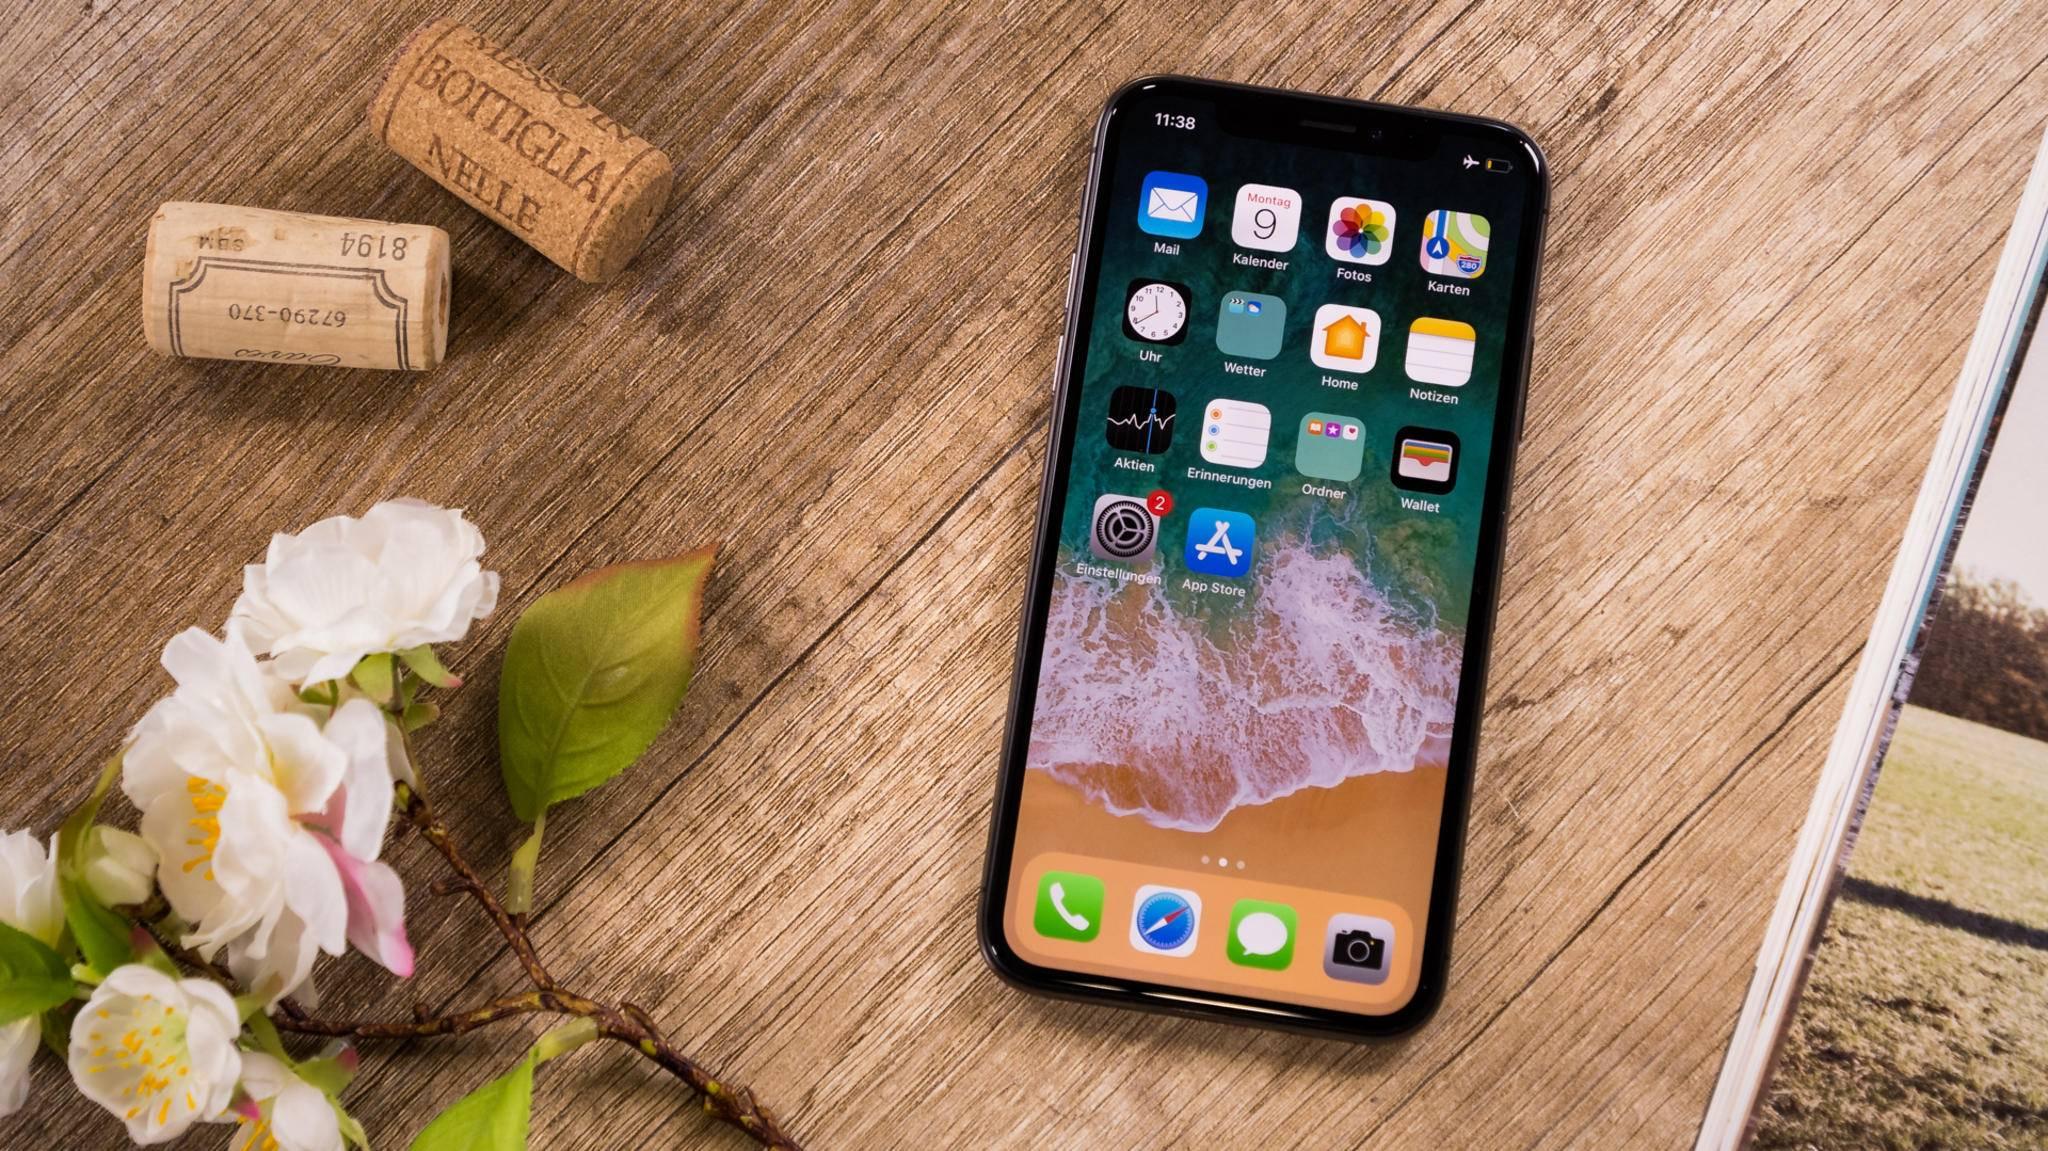 Einige iPhone-X-Modelle wurden mit einem Display-Fehler ausgeliefert.